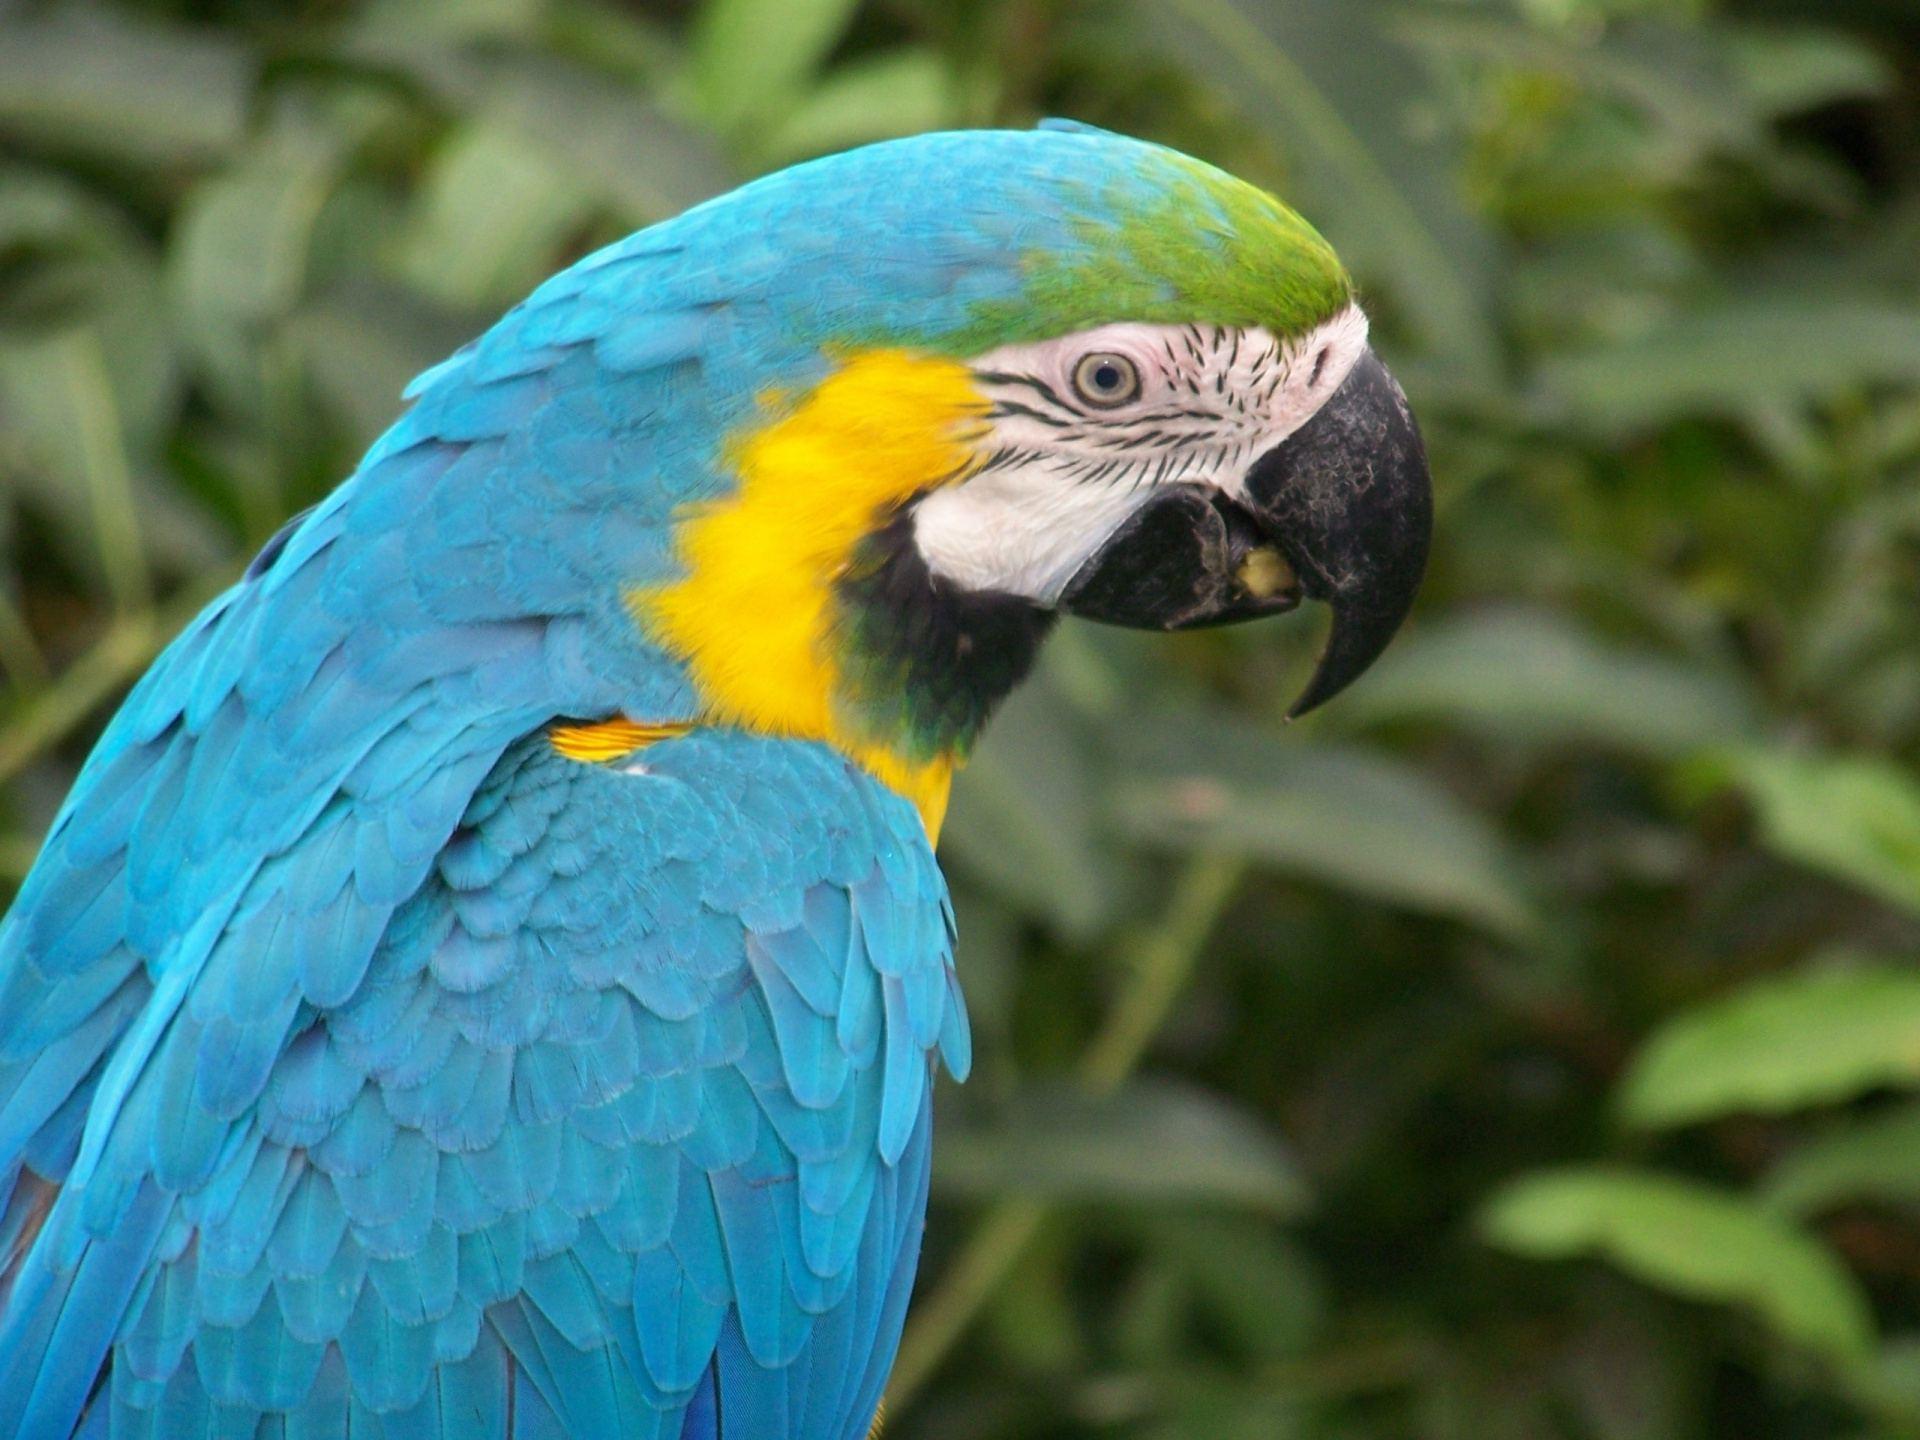 синий попугай, сачать фото, blue parrot